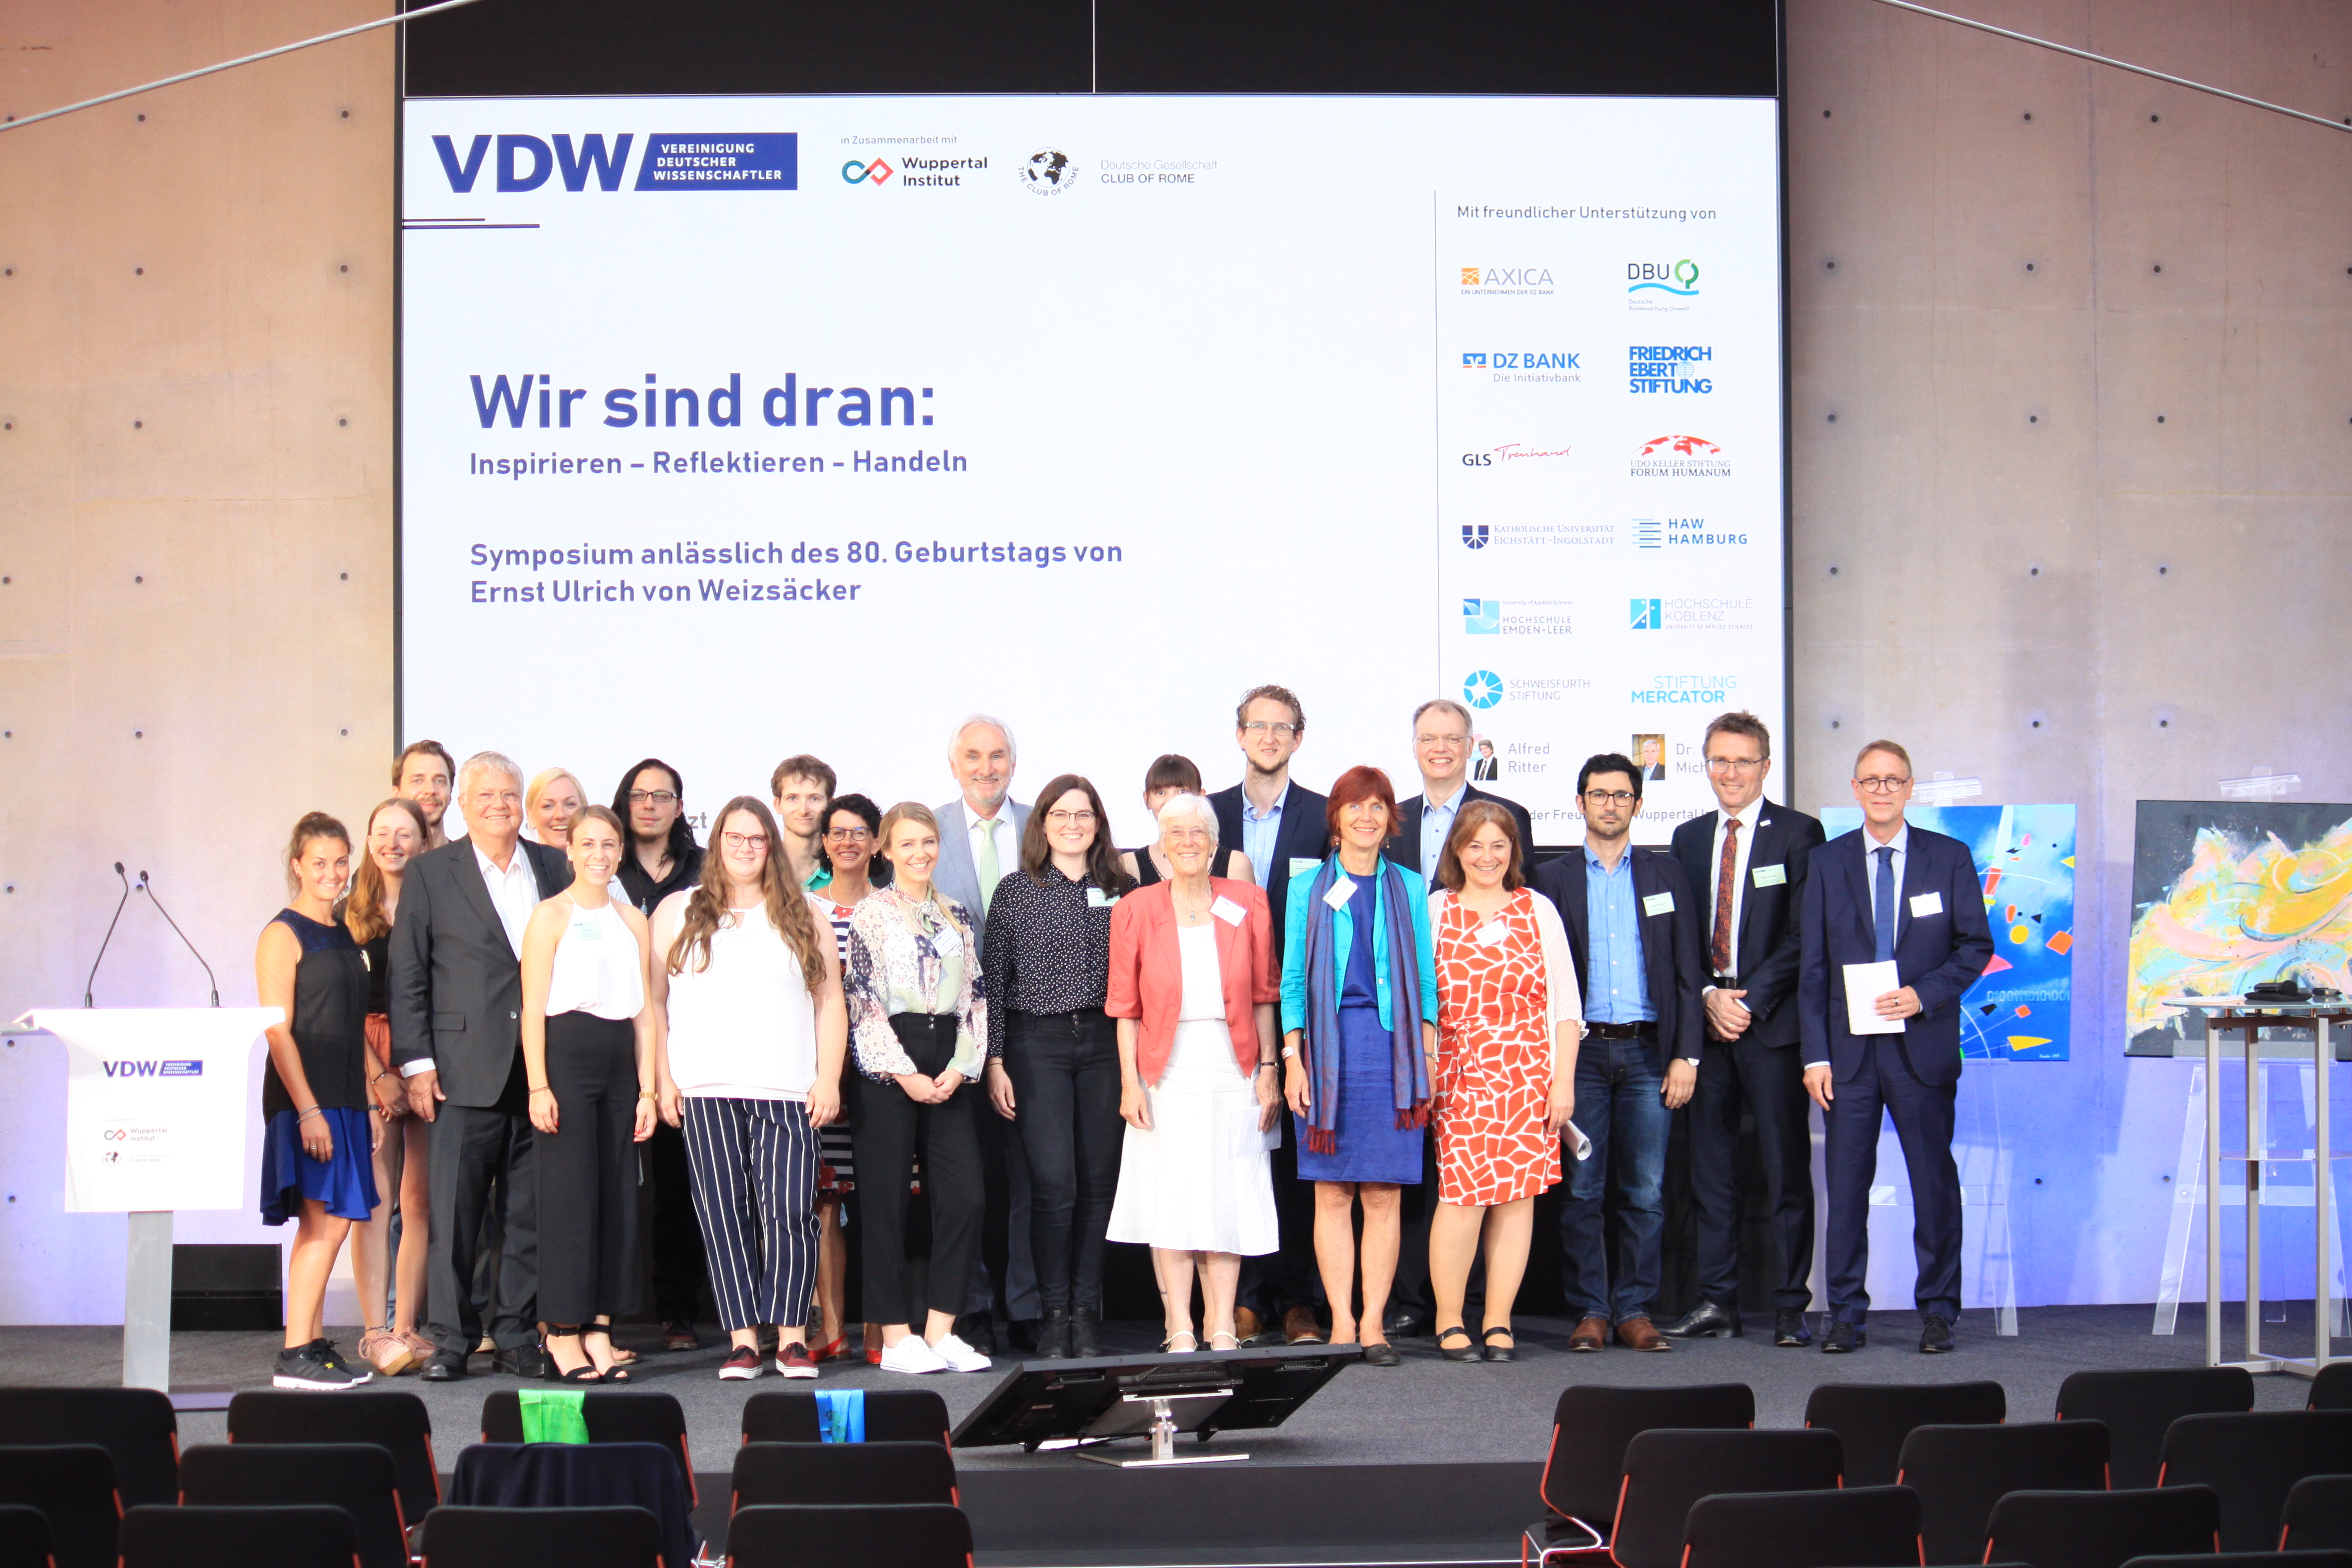 Workshop Erweiterung und Vertiefung des Menschenrechts auf Bildung VDW Symposium Wir sind dran